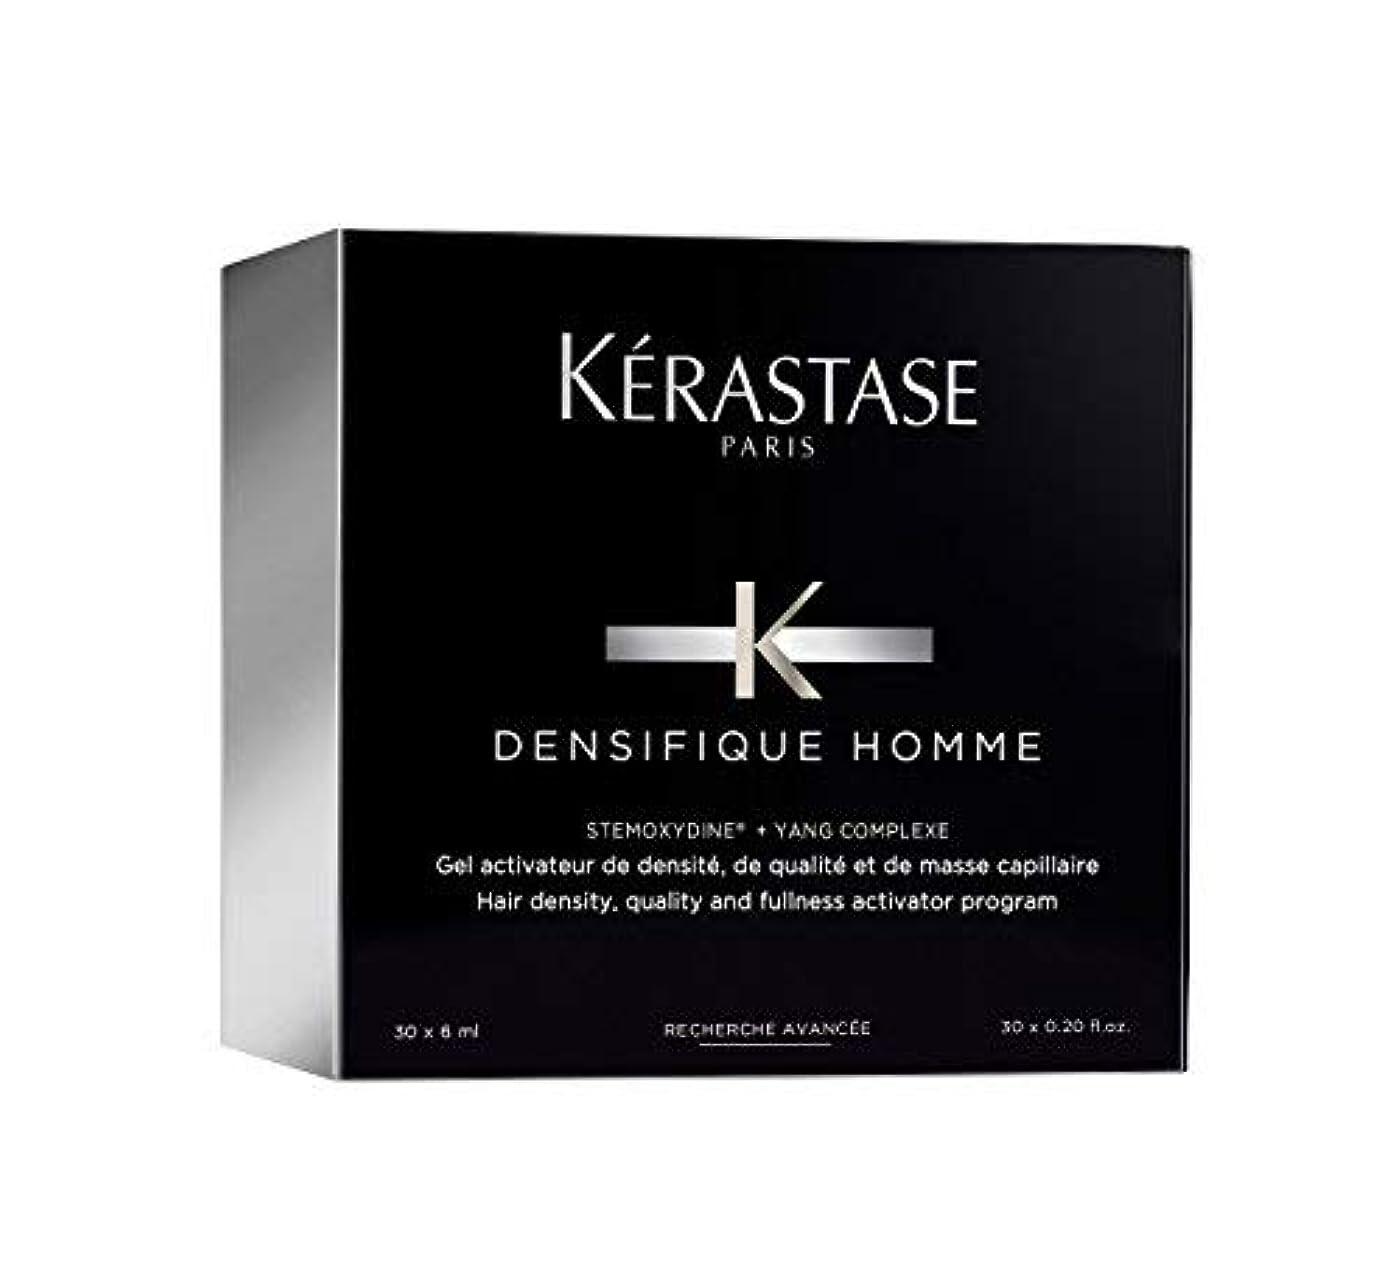 幸運な従者またねケラスターゼ Densifique Homme Hair Density and Fullness Programme 30x6ml